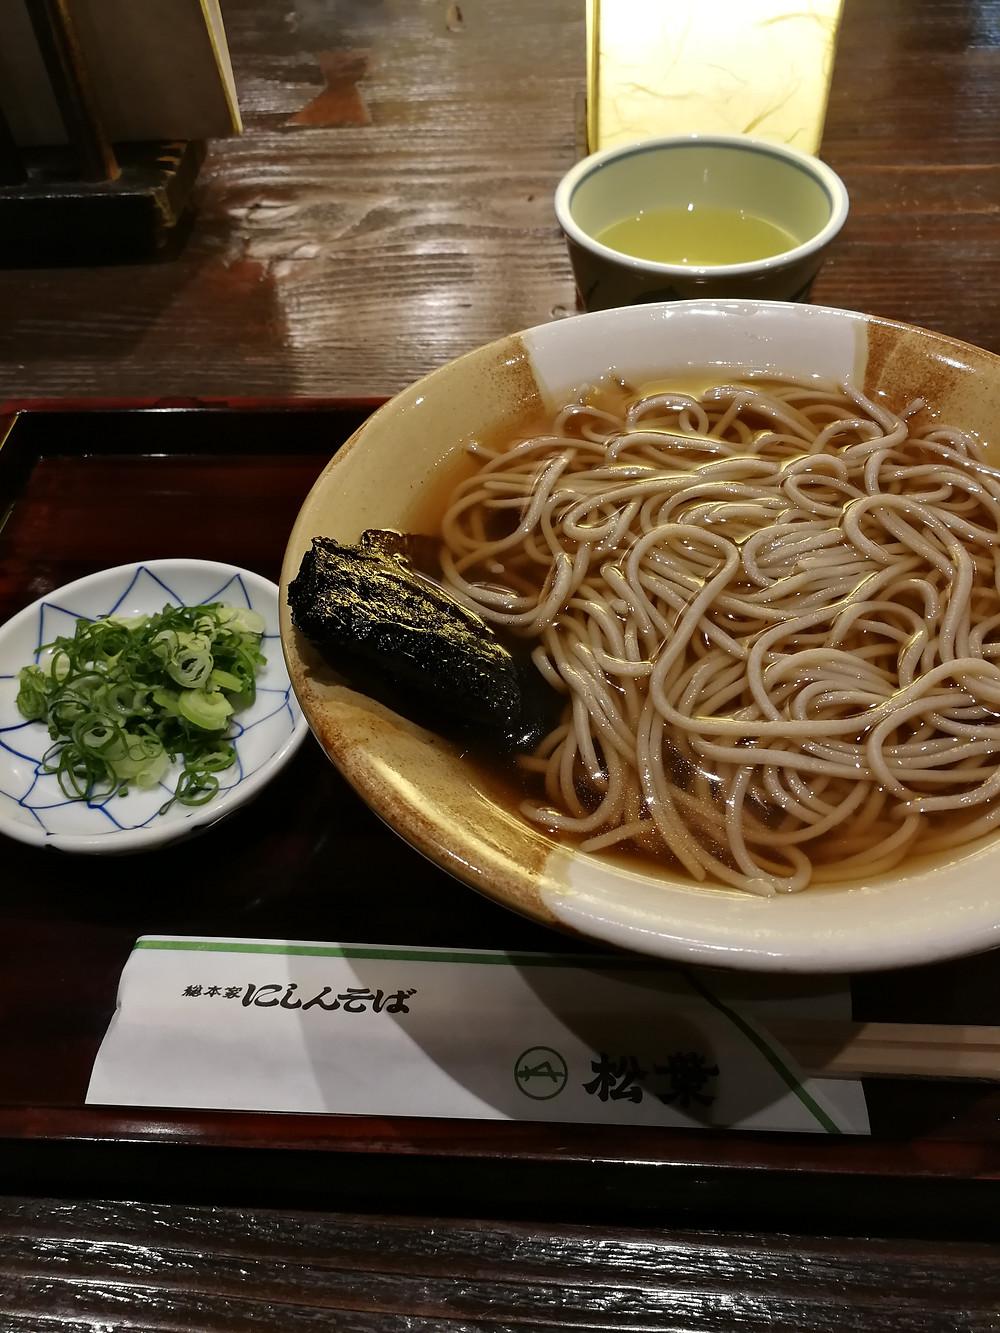 にしんそば / Nishin-soba